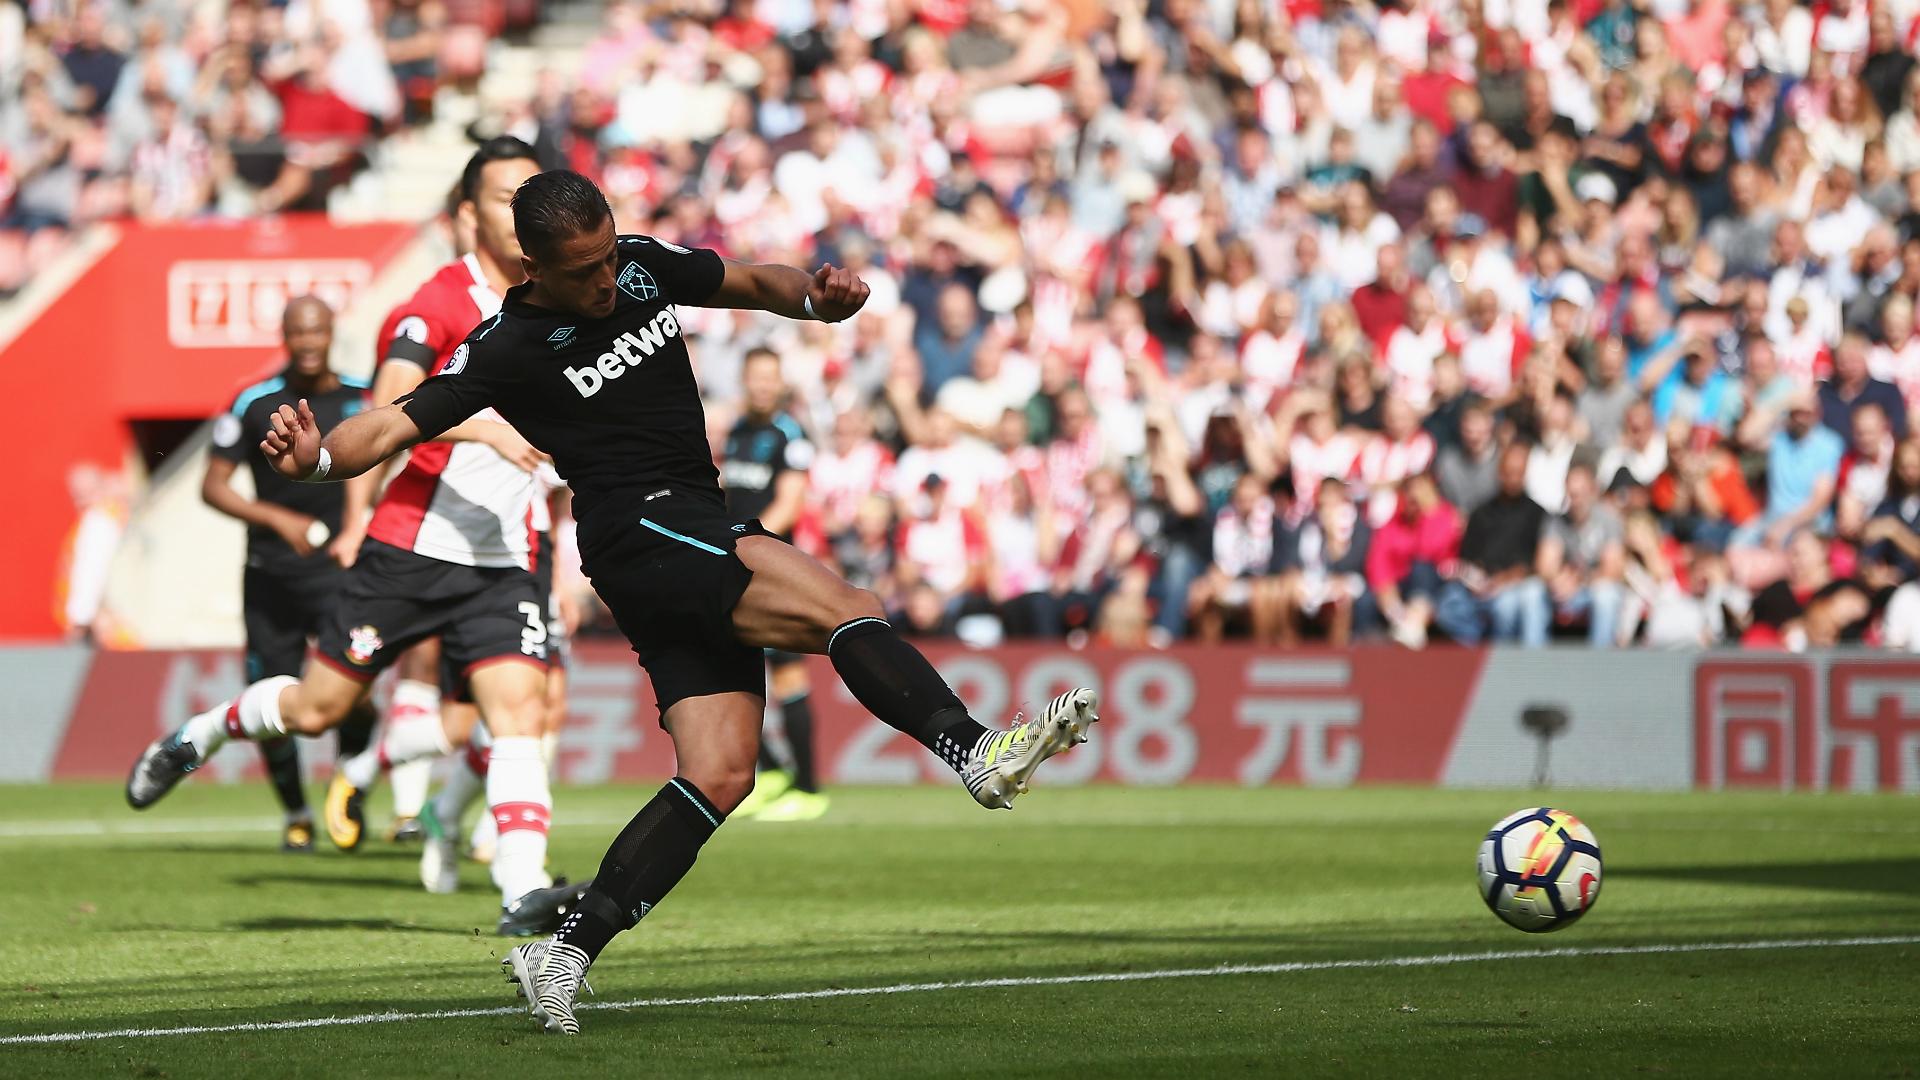 Se estrena 'Chicharito' Hernández con el West Ham United